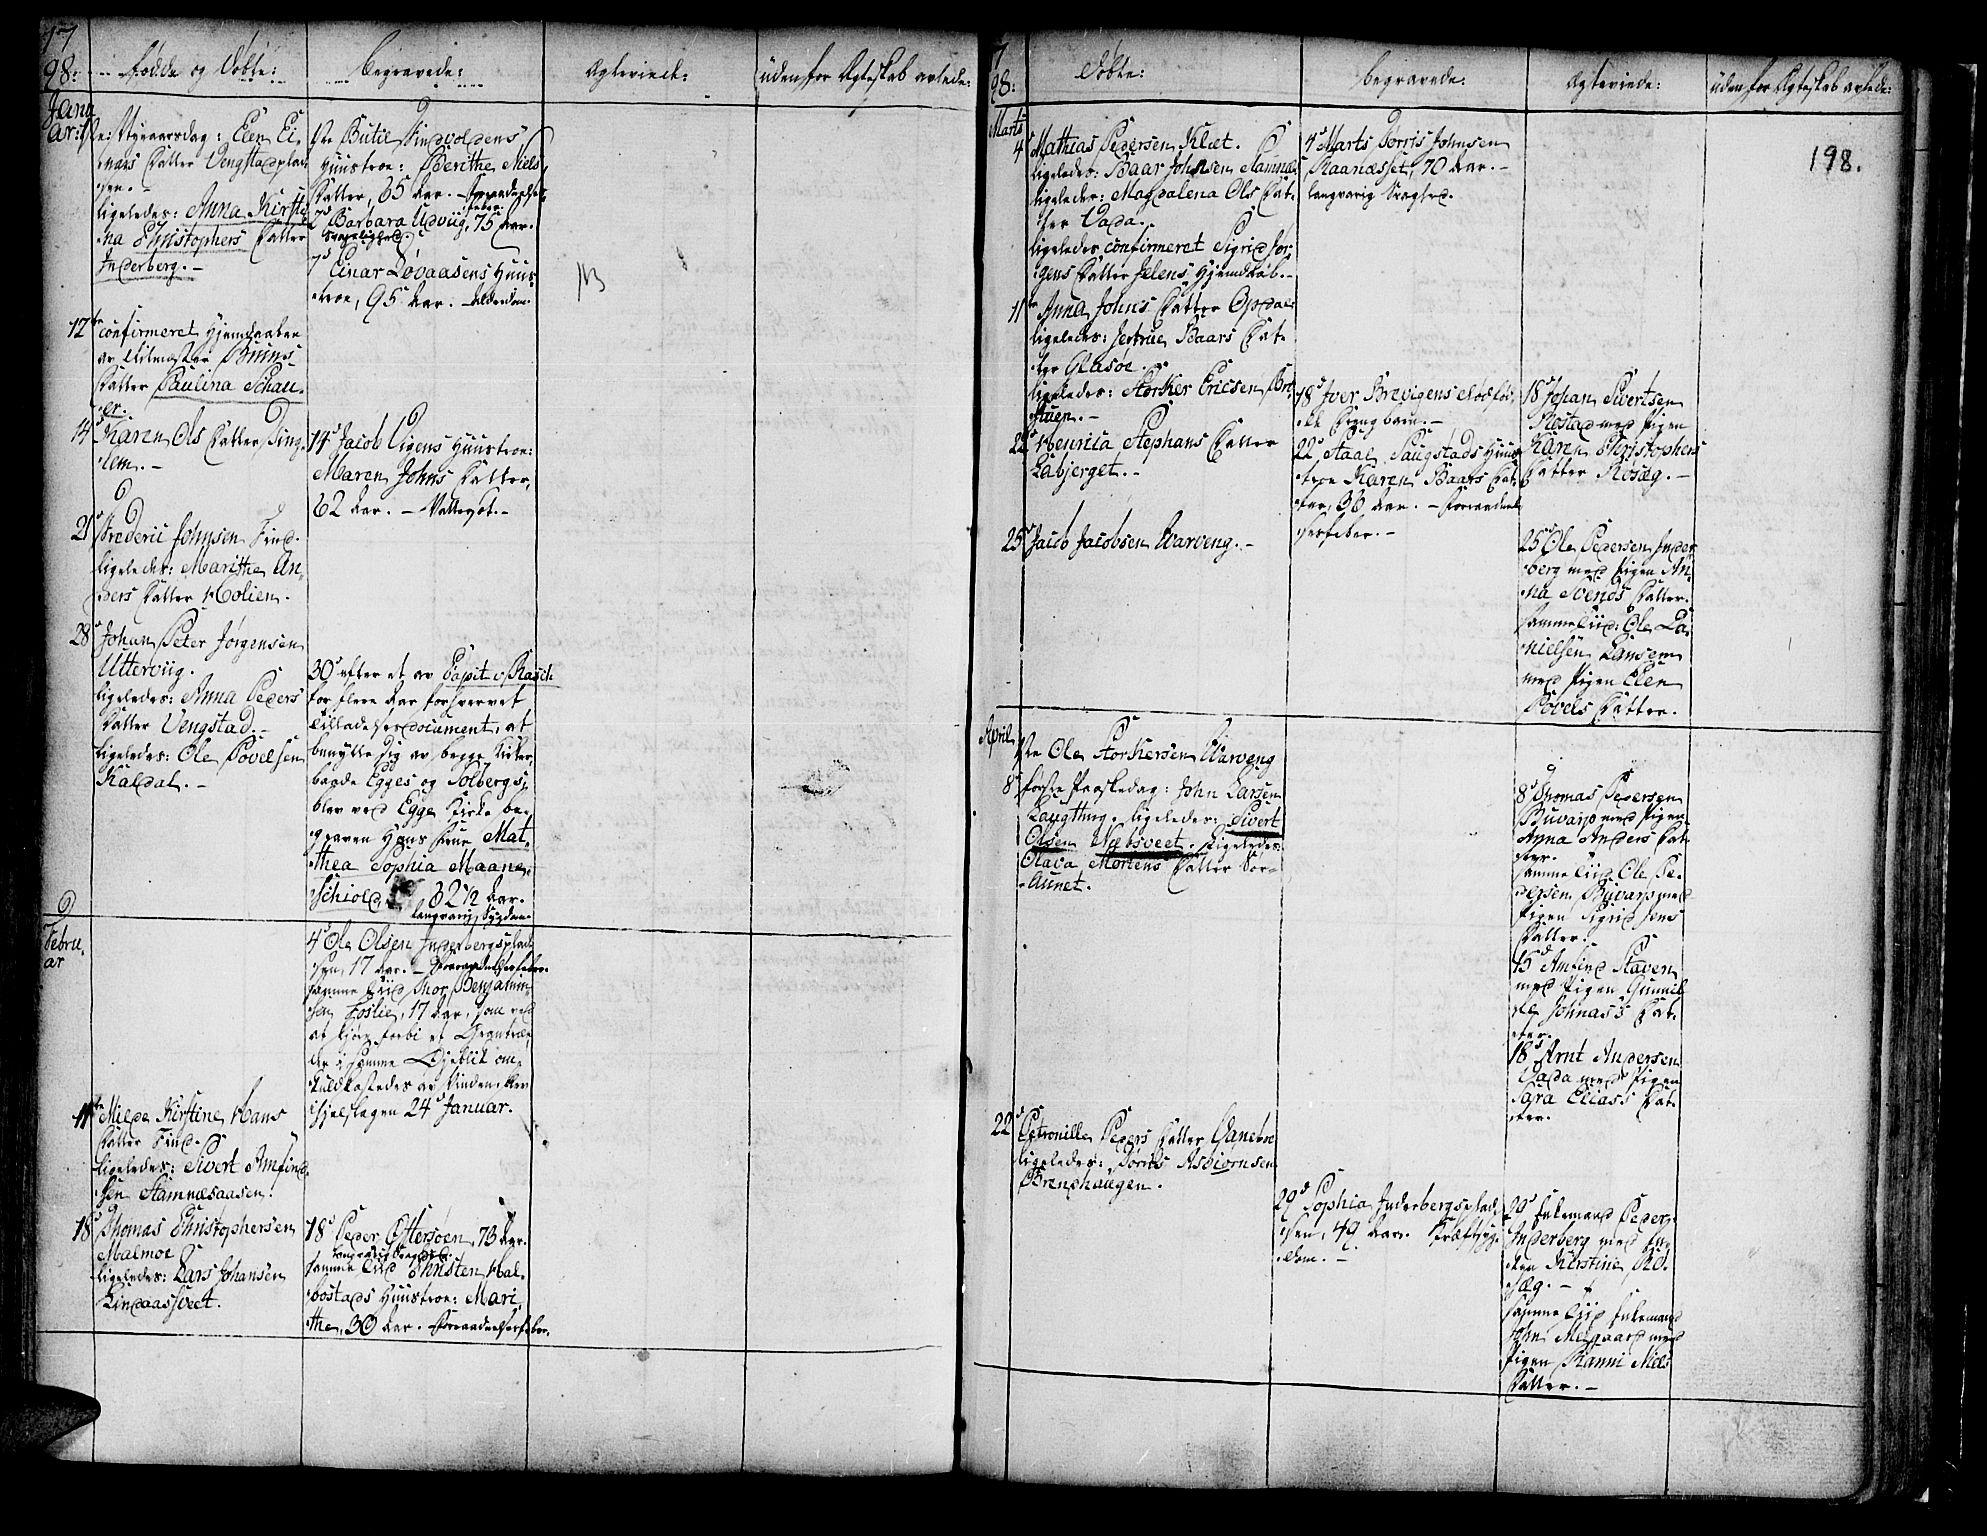 SAT, Ministerialprotokoller, klokkerbøker og fødselsregistre - Nord-Trøndelag, 741/L0385: Ministerialbok nr. 741A01, 1722-1815, s. 198